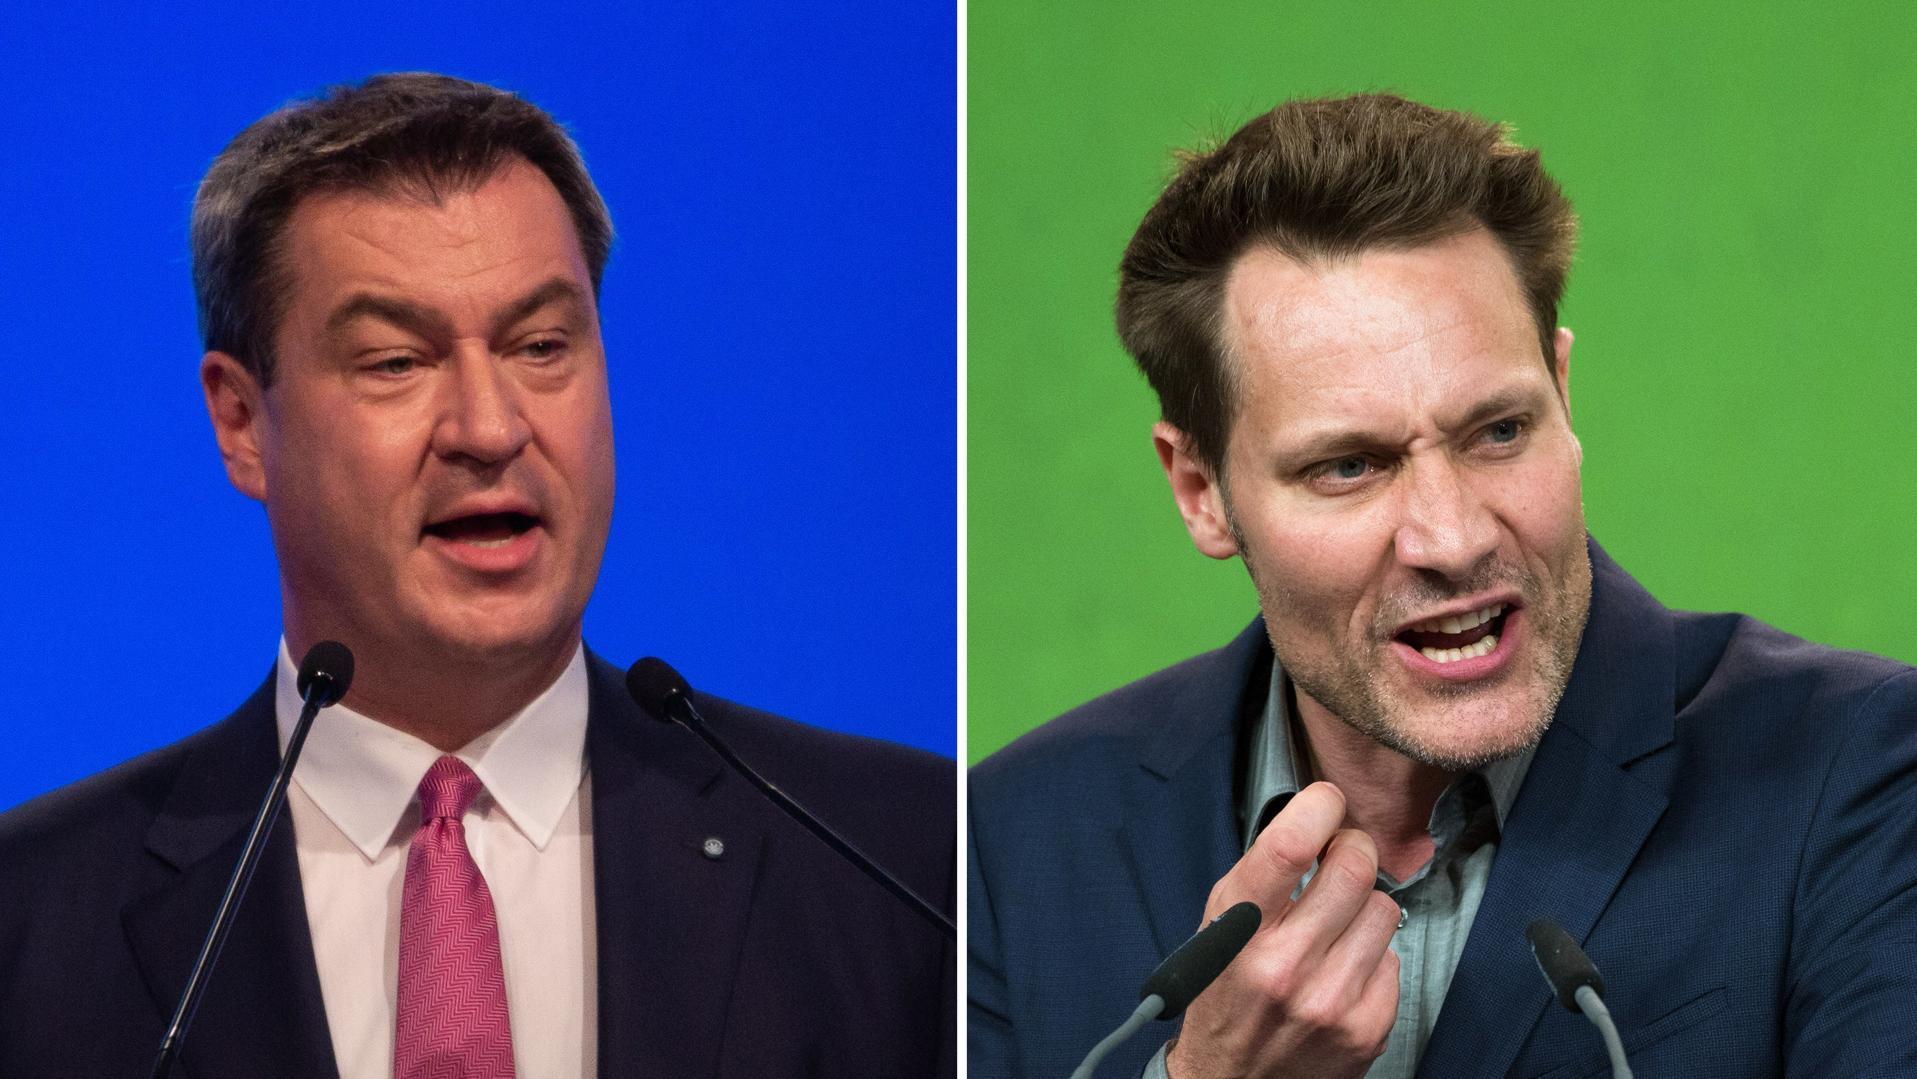 Am Mittwochabend kommt es im BR Fernsehen zum TV-Duell von Ministerpräsident Söder und Grünen-Spitzenkandidat Hartmann